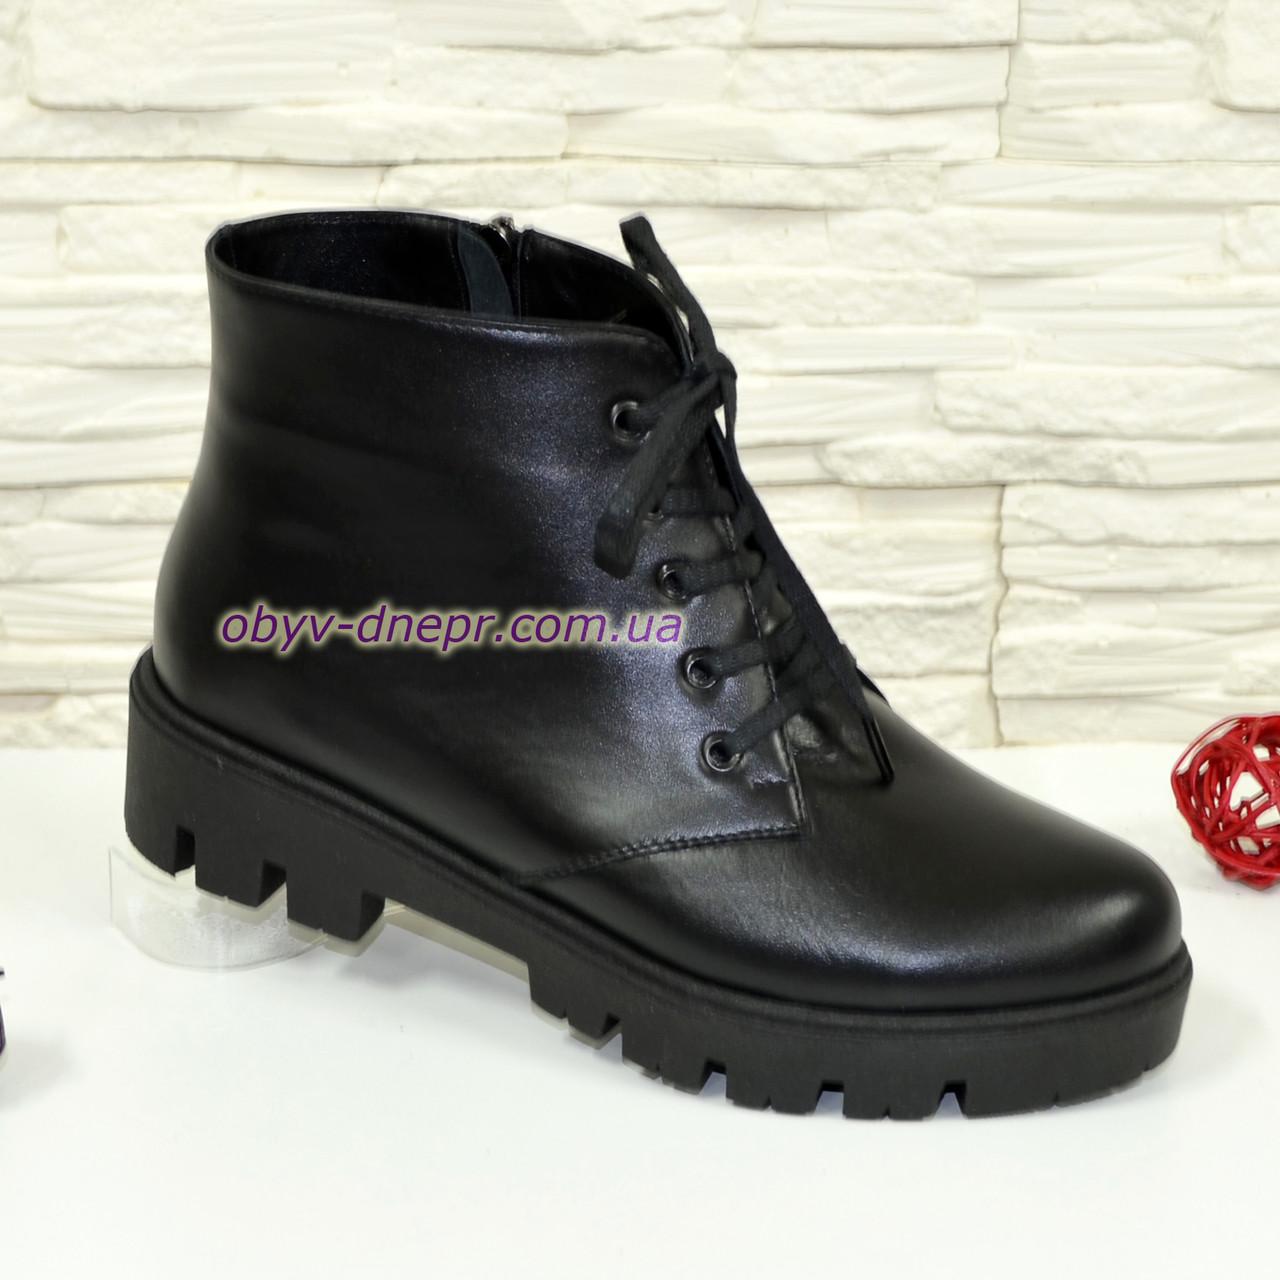 Ботинки женские черные кожаные на шнуровке, утолщенная подошва.